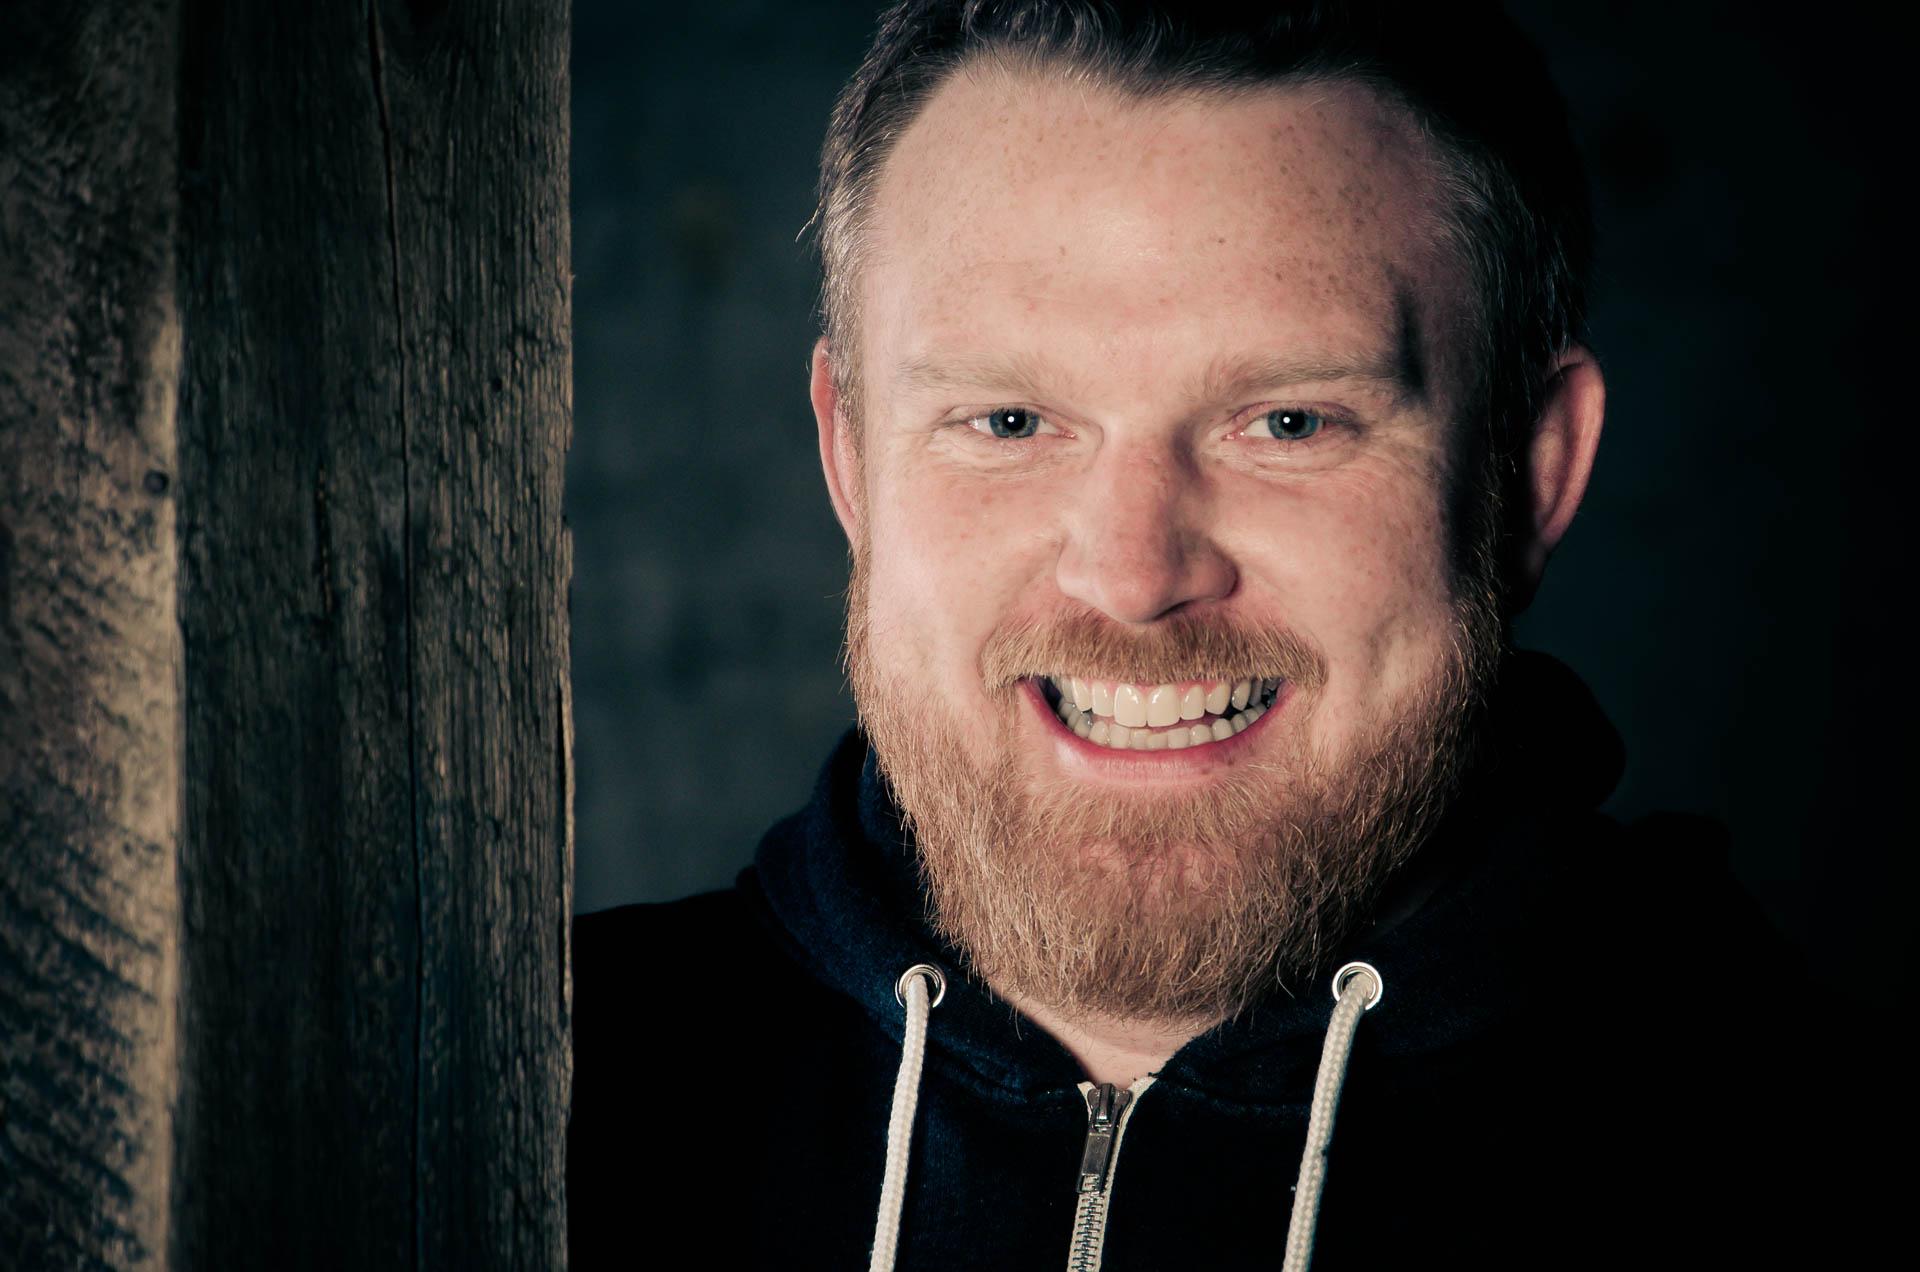 Markus Grafeneder